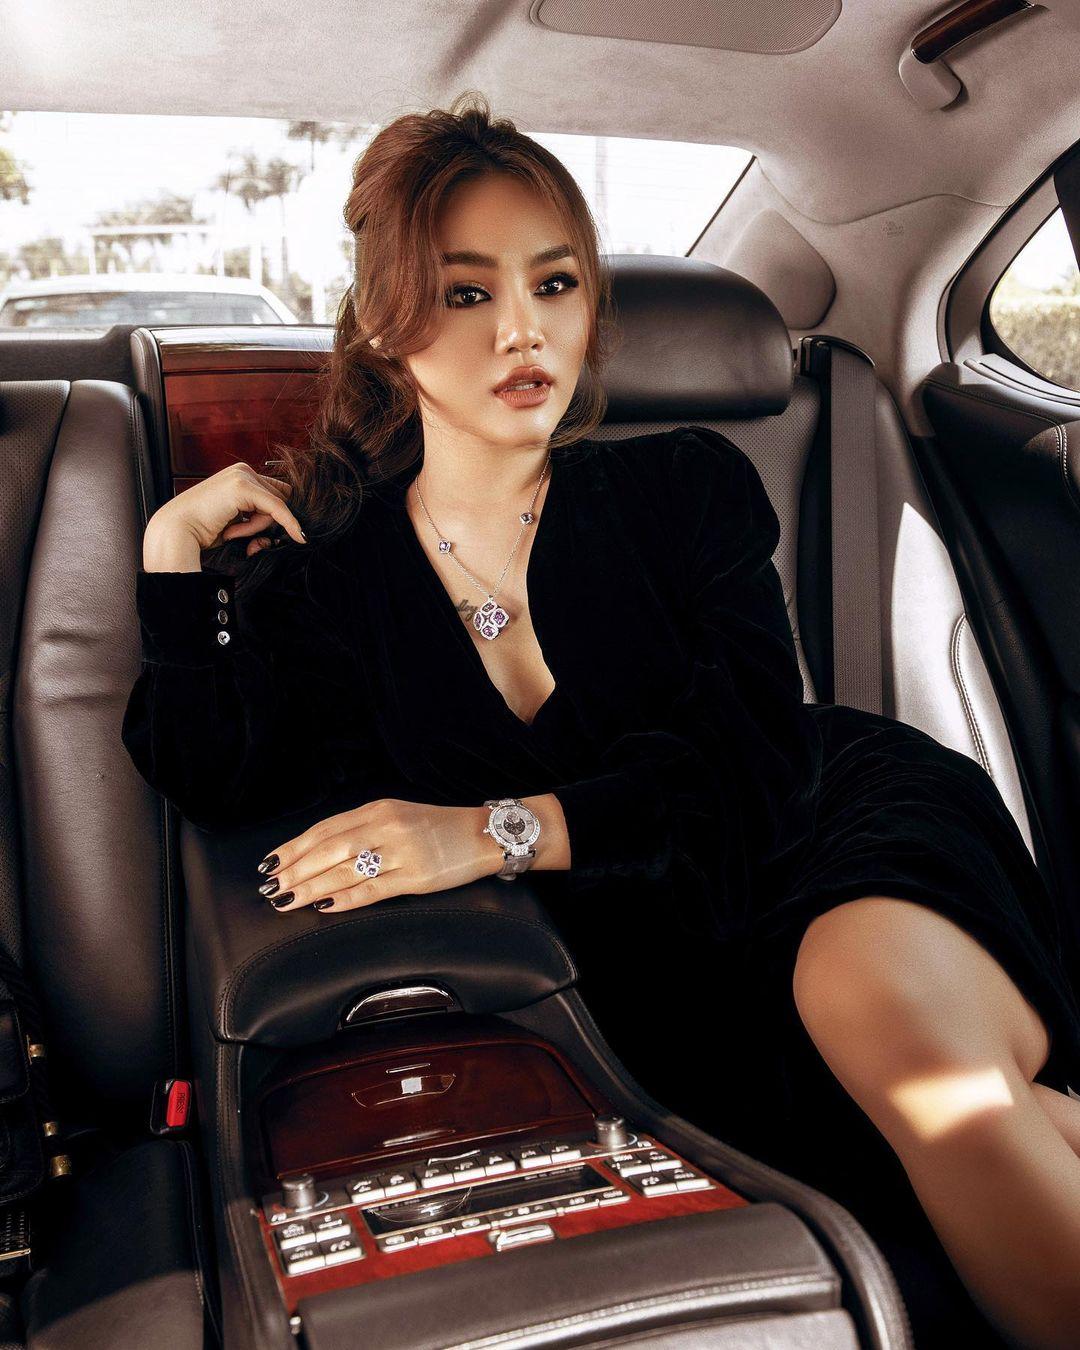 Ái nữ nhà tỷ phú ô tô Trường Hải: Gu thời trang sang chảnh quyền lực, dùng túi hiệu chưa trùng 1 cái nào  - Ảnh 2.